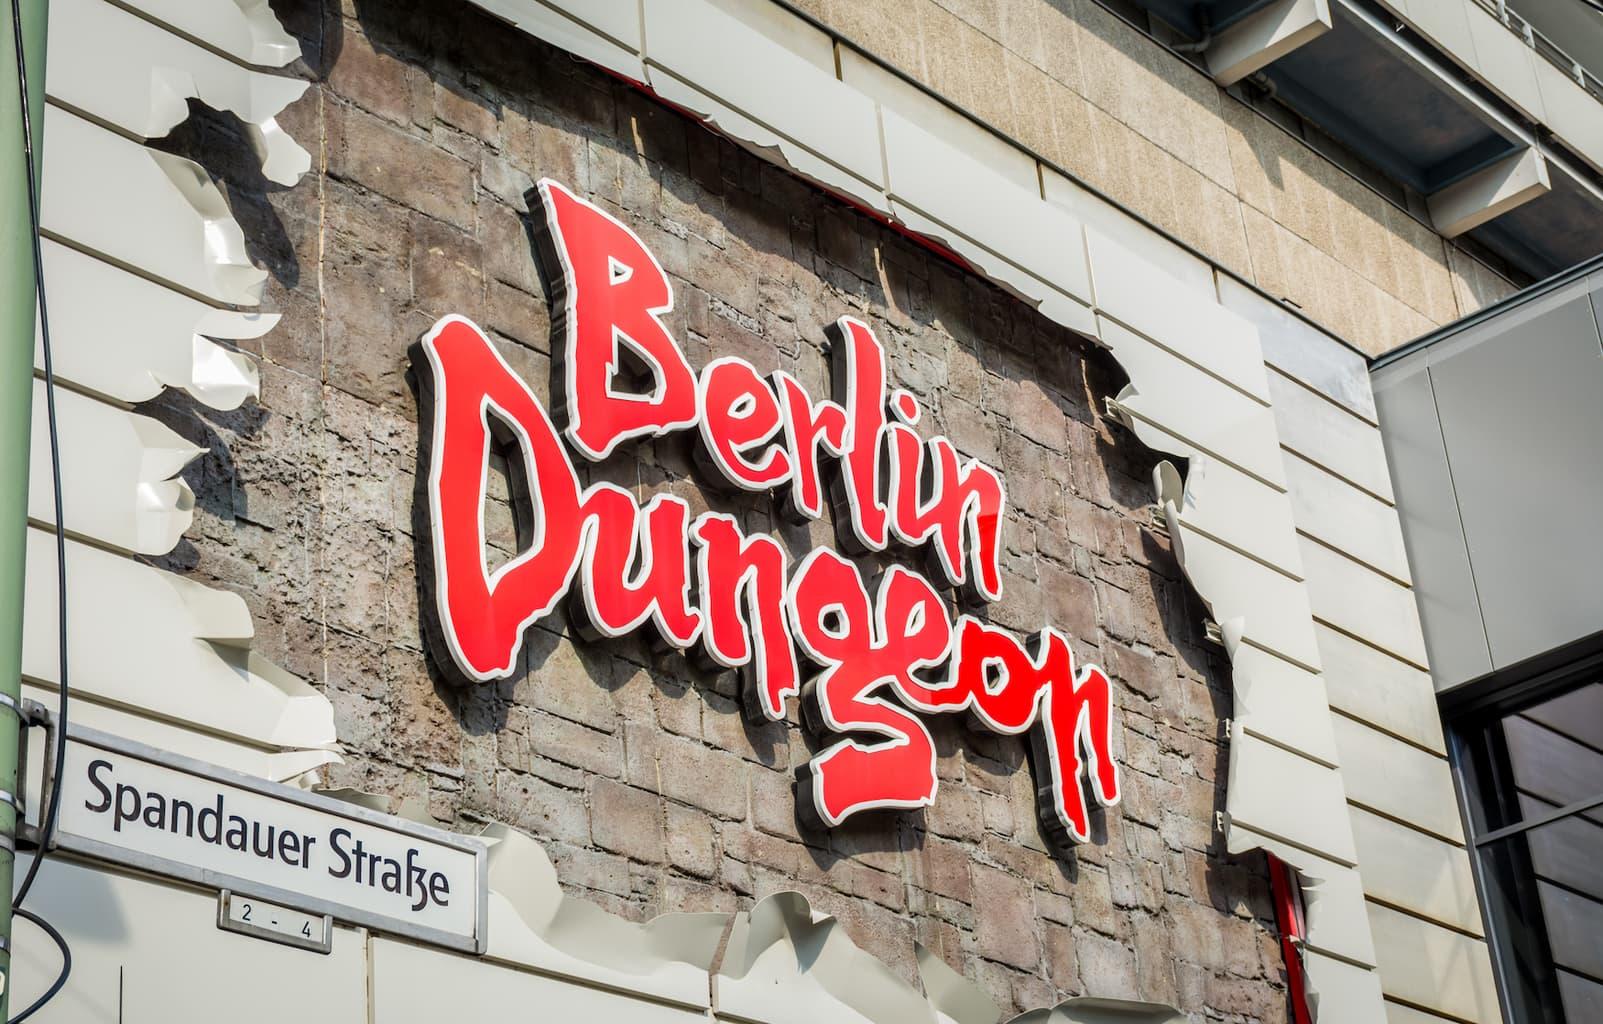 Berlin Dungeon is een toeristenattractie in Berlijn